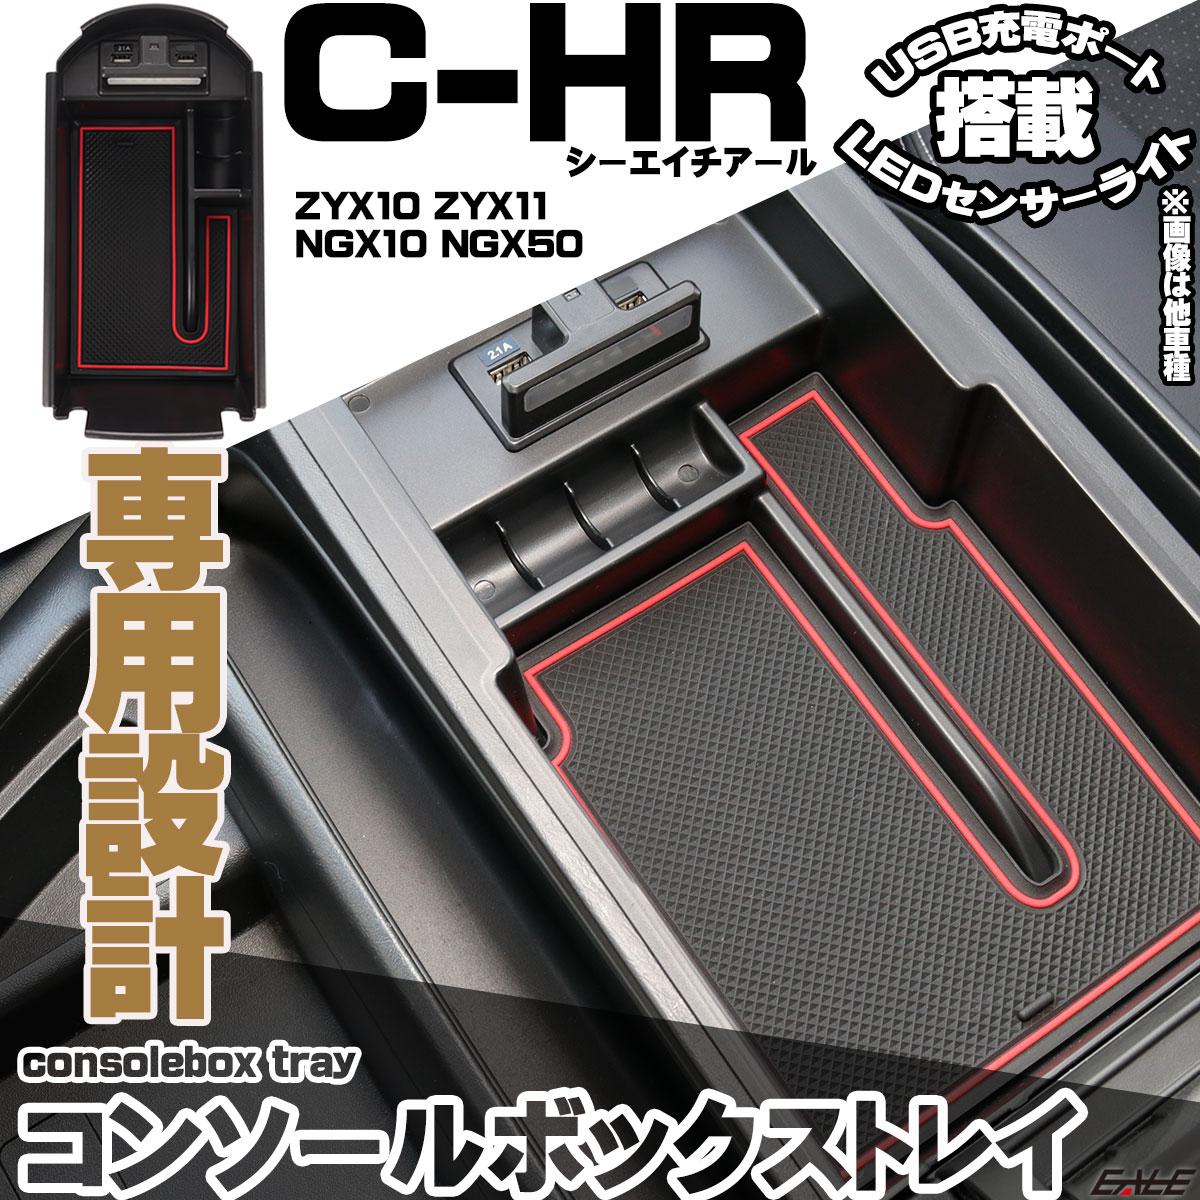 C-HR 前期 後期 専用設計 センター コンソール ボックス トレイ USB 2ポート 急速充電 QC3.0対応 LED センサーライト 搭載 S-871